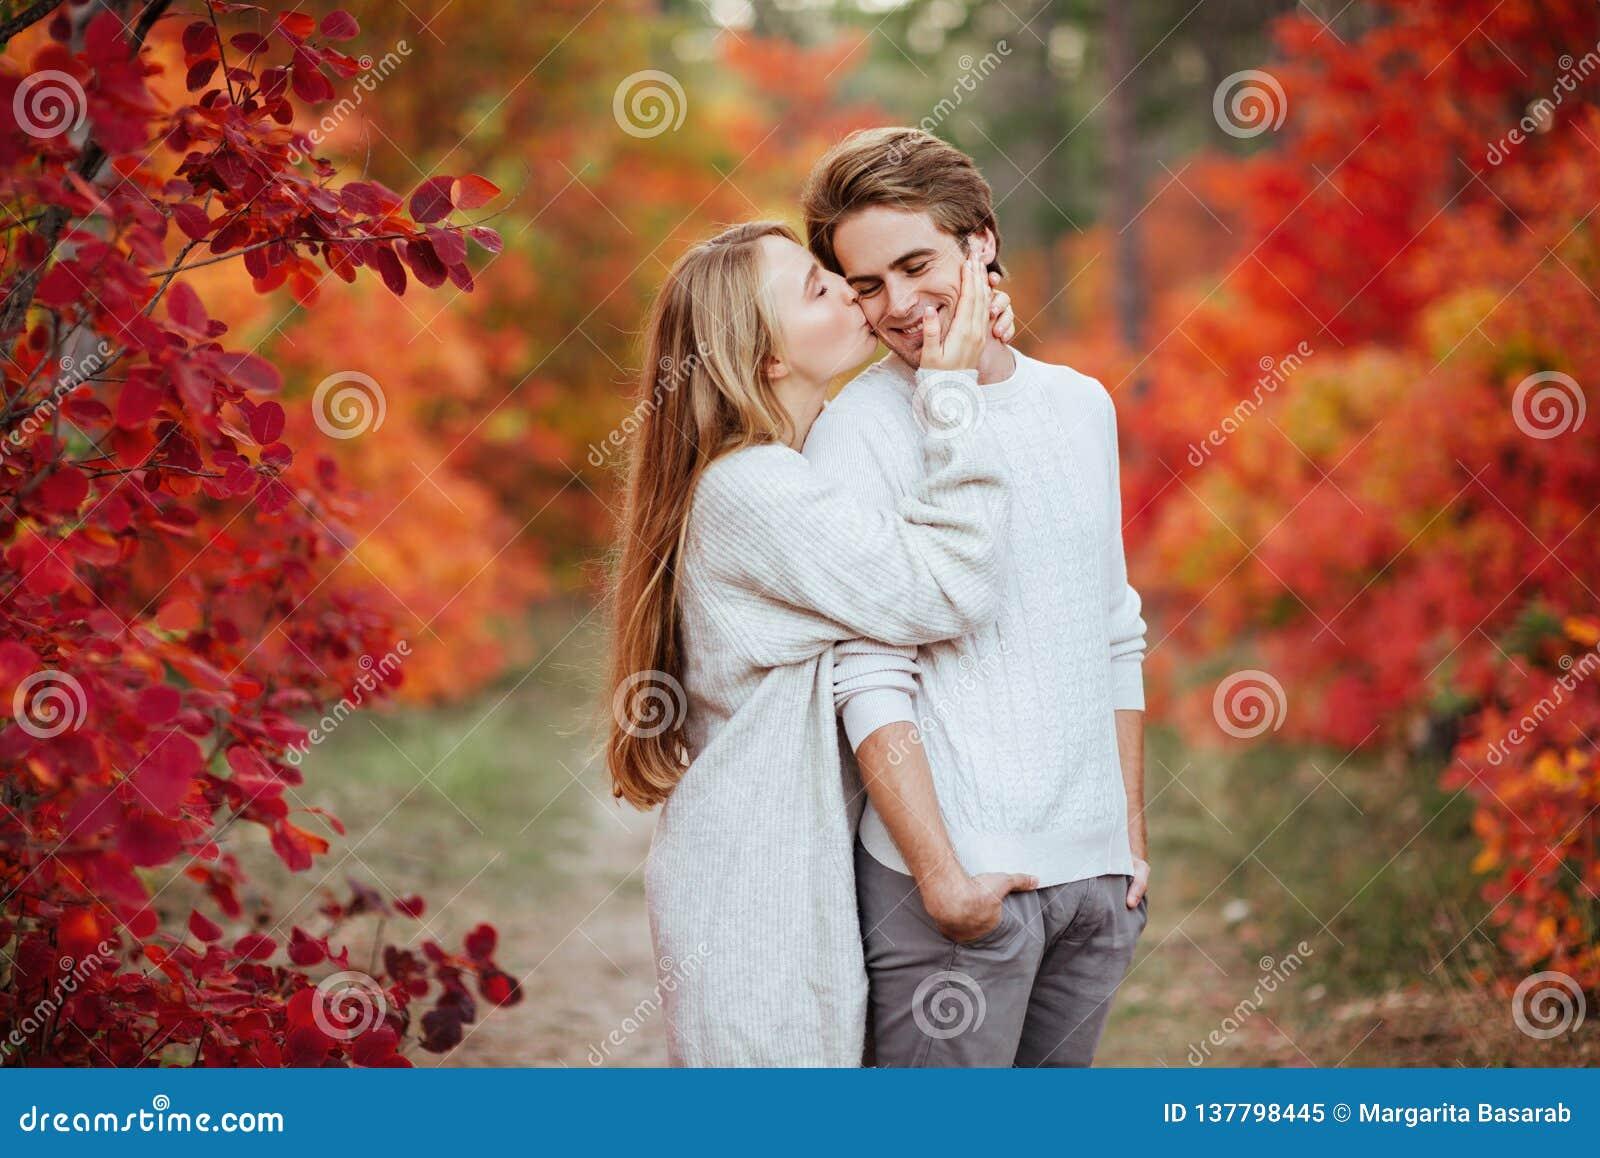 Amour d automne, couple embrassant en parc de chute